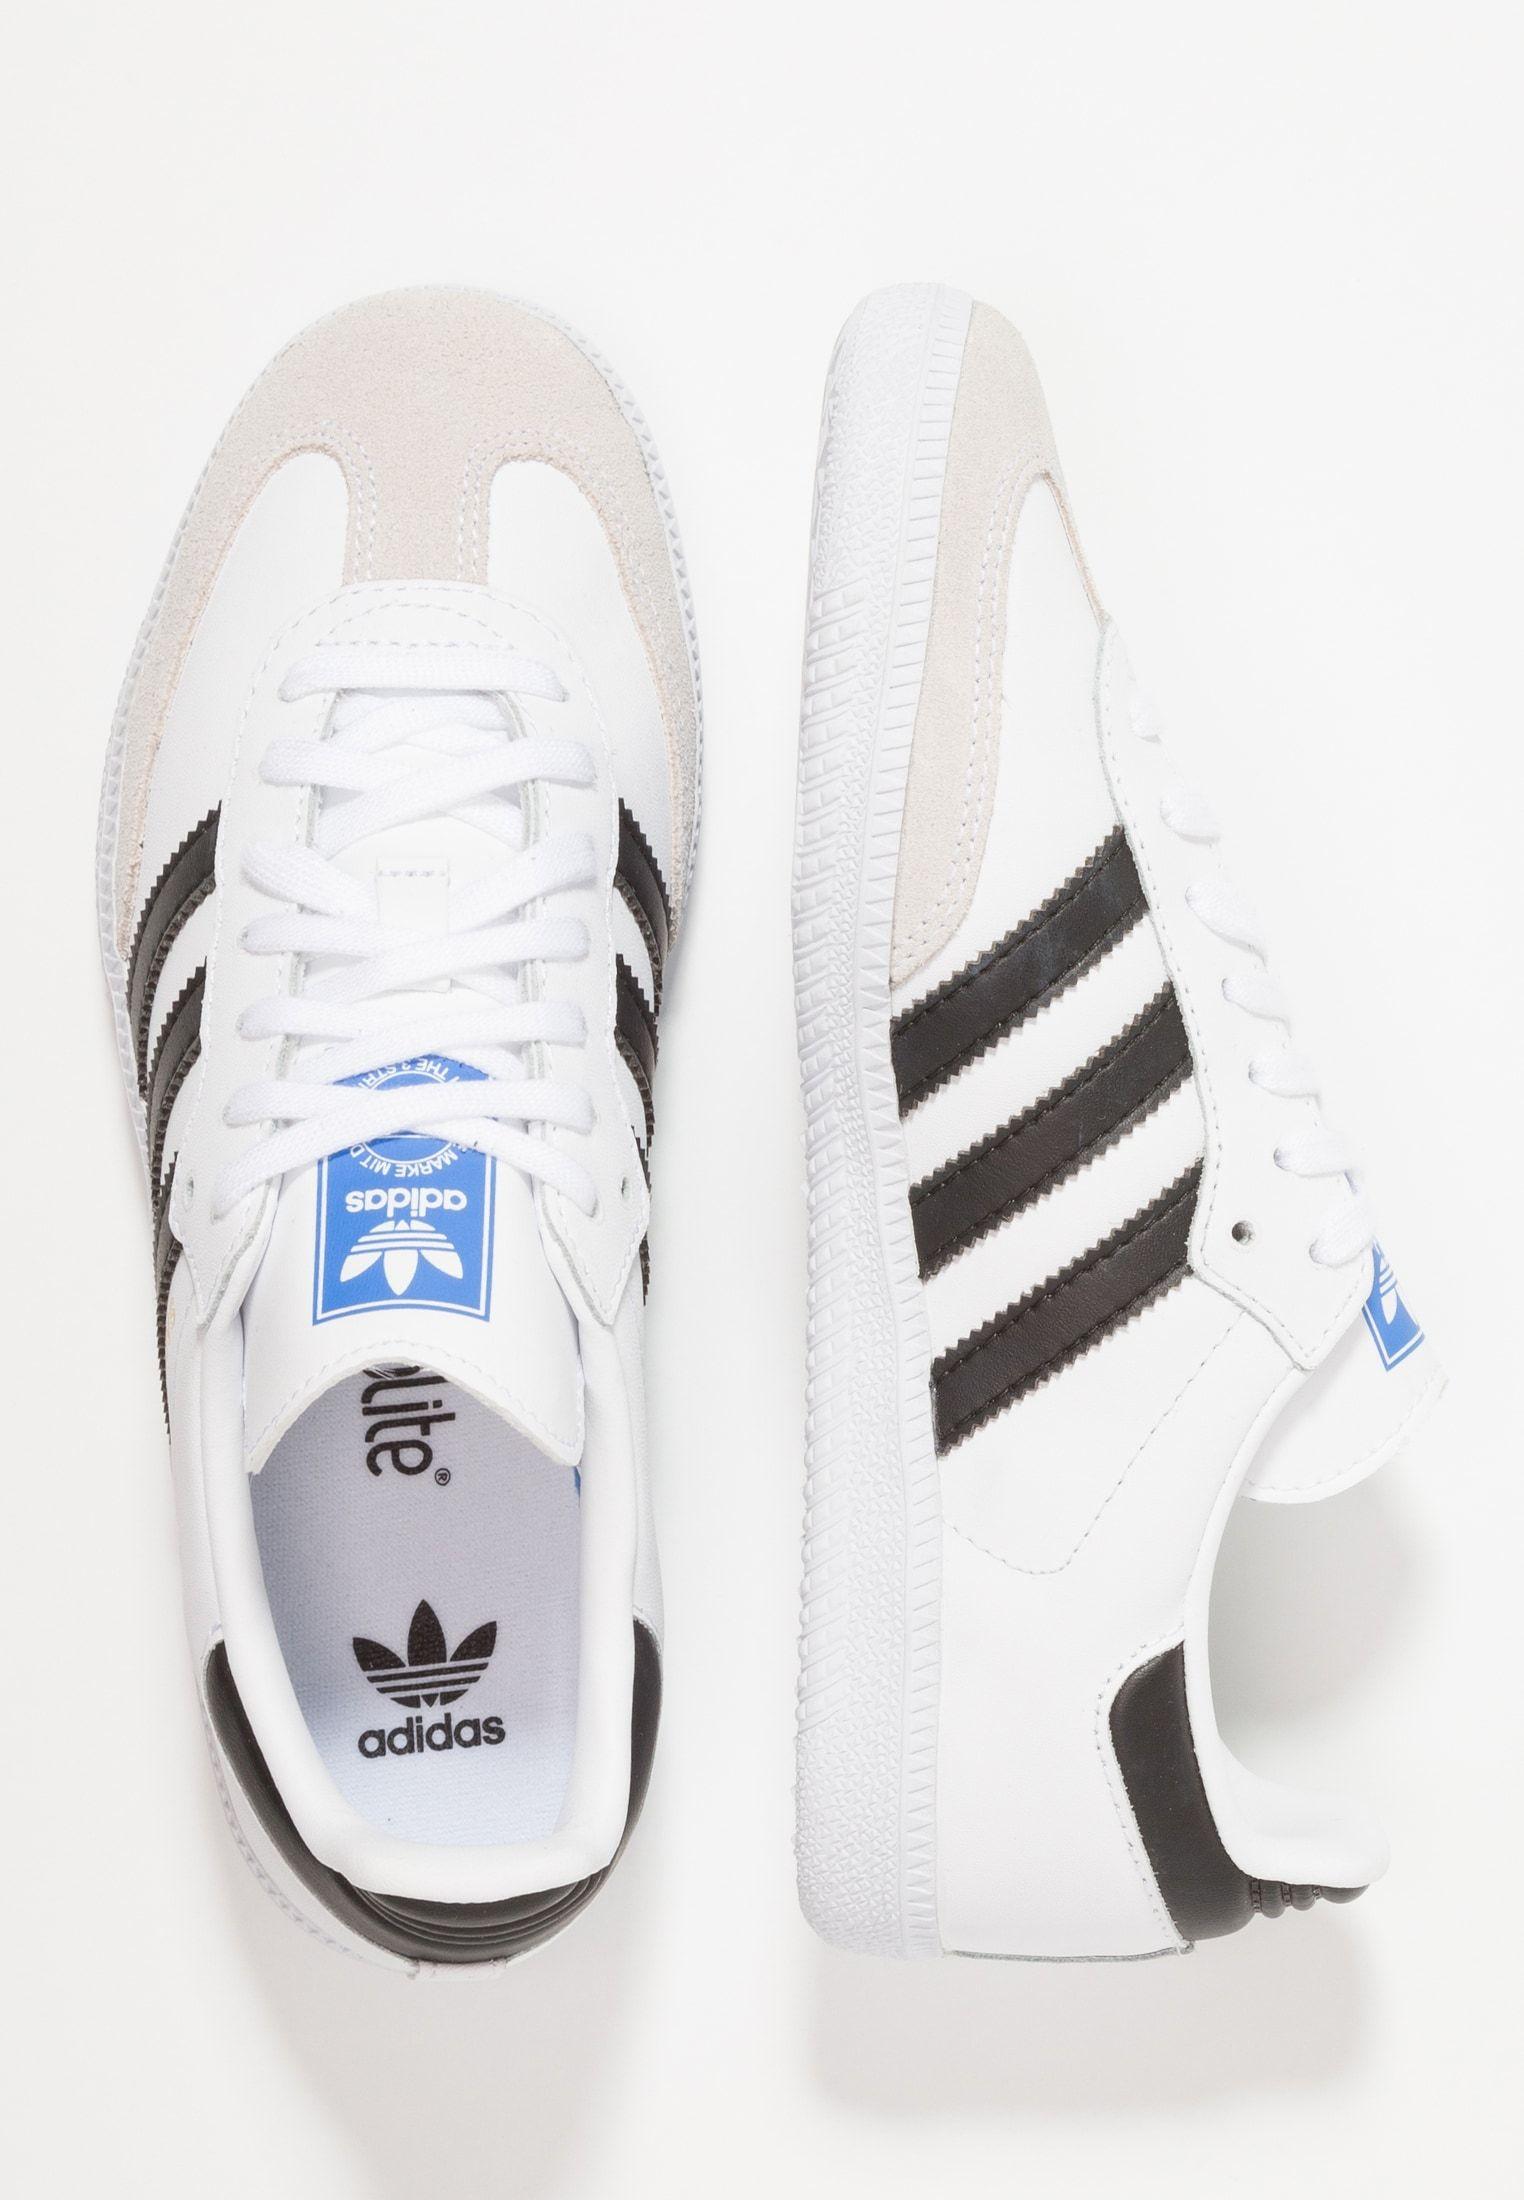 la mejor actitud ventas especiales online Obtener > modelos de zapatos adidas samba zalando- OFF 62% - ninimix.ir!